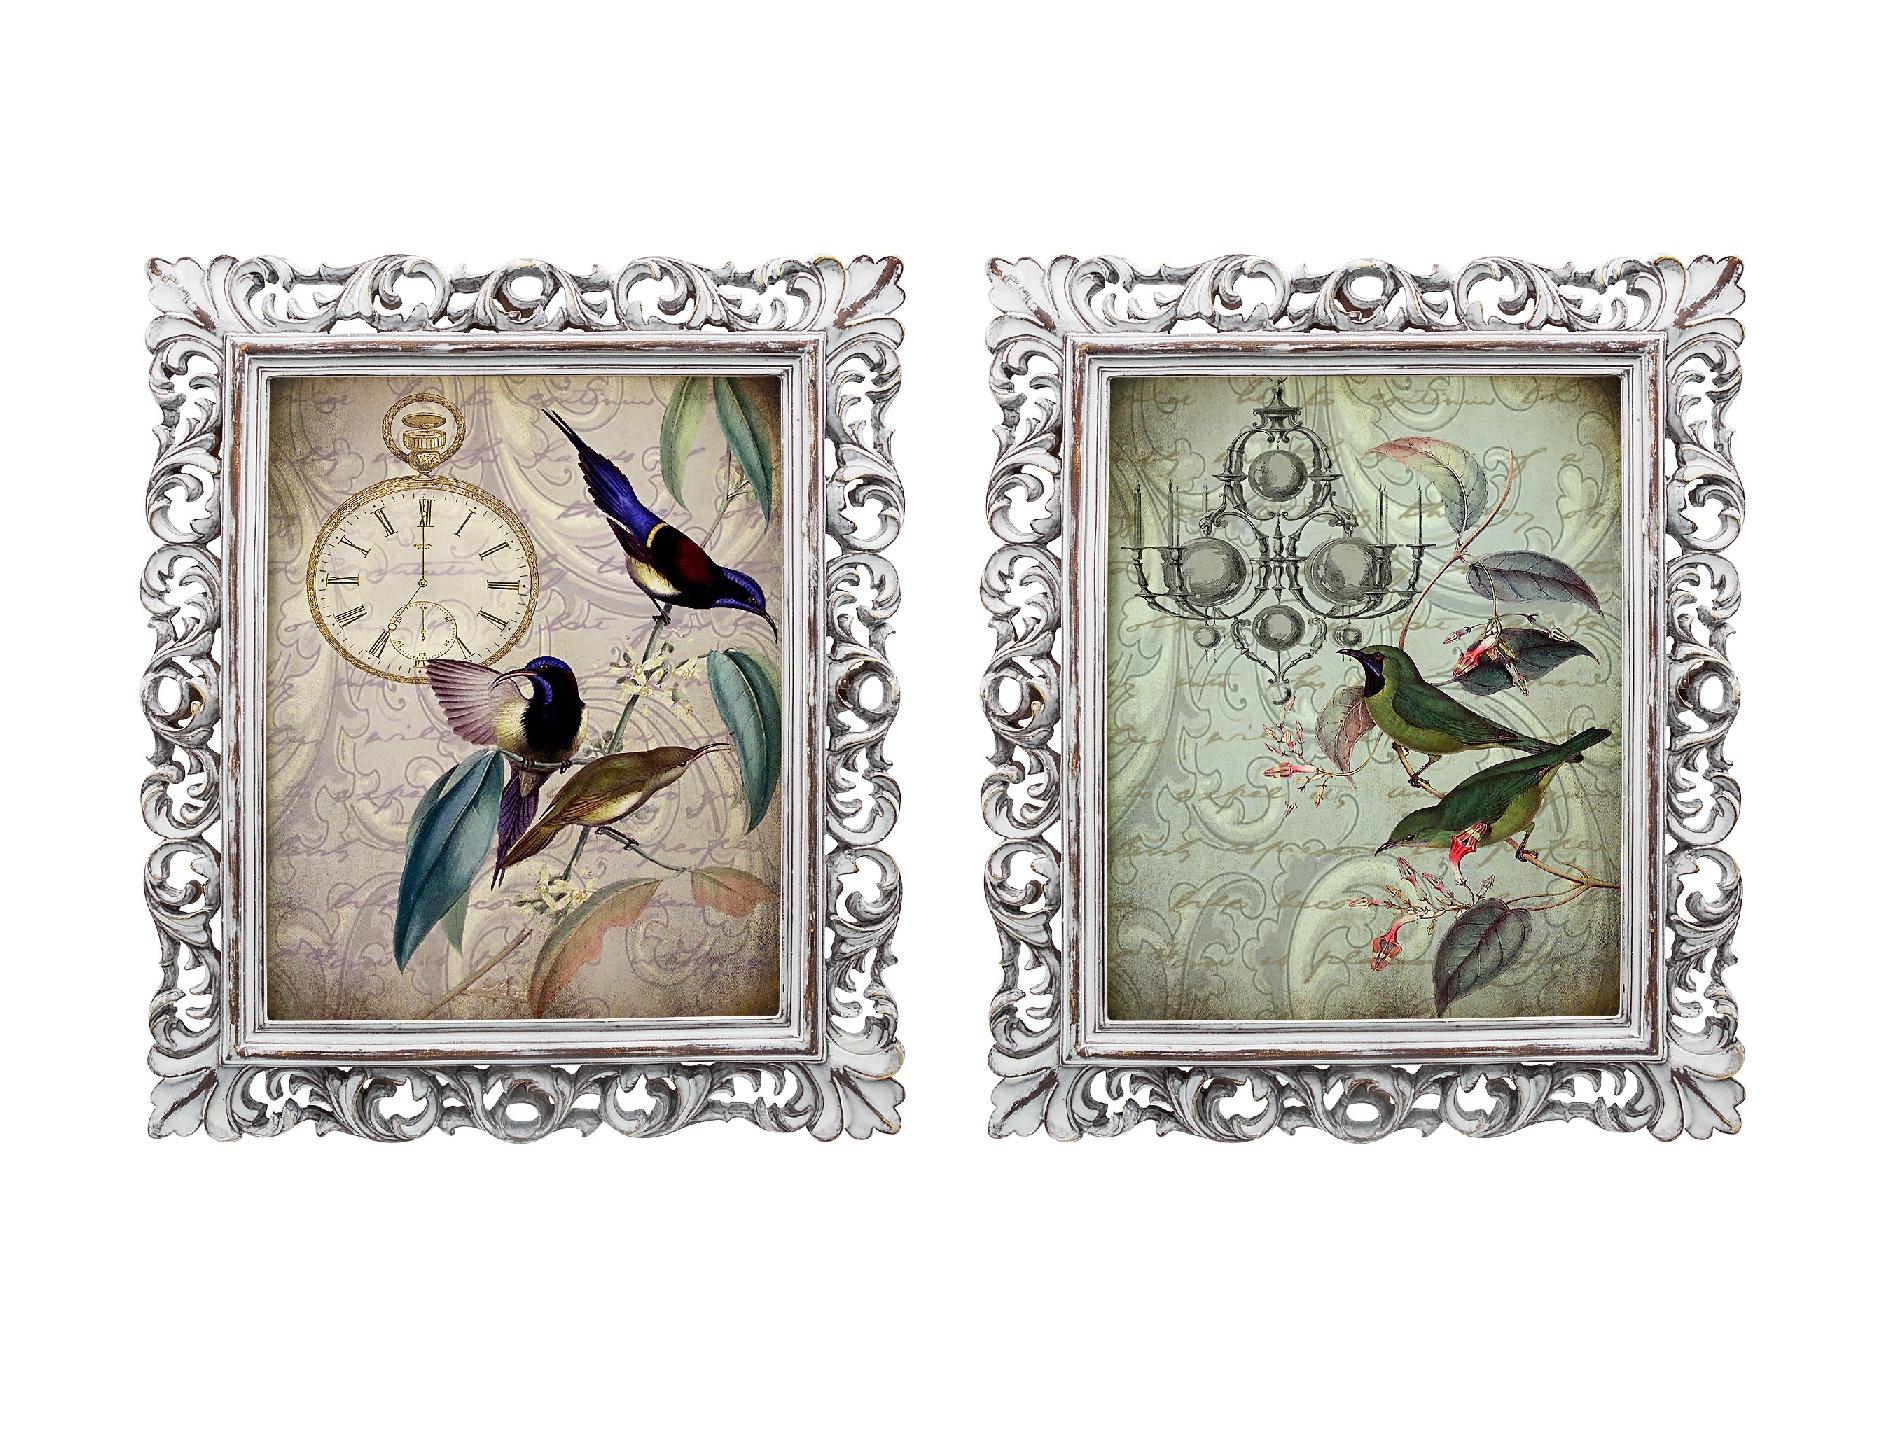 Набор из двух репродукций старинных картин в раме Мадлен. Райские птицыКартины<br>Уникальные старинные изображения &amp;quot;Райские птицы&amp;quot; в окружении изящных рам создают особую романтическую атмосферу. Плавные линии витиеватых рам и мотивы гравюр завораживают и намекают на то, что путешествие во времени не так уж и сложно. Изображения райских птиц обрамлены ажурными рамами, искусная техника состаривания придает изделию особую теплоту и загадочность. Благородная патина на поверхности рамы — интригующее приглашение к прогулке в мир старинных реликвий! Изображение картины наполнено уникальными эмоциями и тайной, скрытой под кристально прозрачным стеклом. Картину можно повесить на стену, а можно поставить, например, на стол или камин. Защитный стеклянный слой гарантирует долгую жизнь прекрасному изображению. А если Вам захочется обновить интерьер, Вы можете с легкостью заменить изображение картины!&amp;lt;div&amp;gt;&amp;lt;br&amp;gt;&amp;lt;/div&amp;gt;<br><br>Material: Бумага<br>Width см: 28,8<br>Depth см: 2,3<br>Height см: 33,8